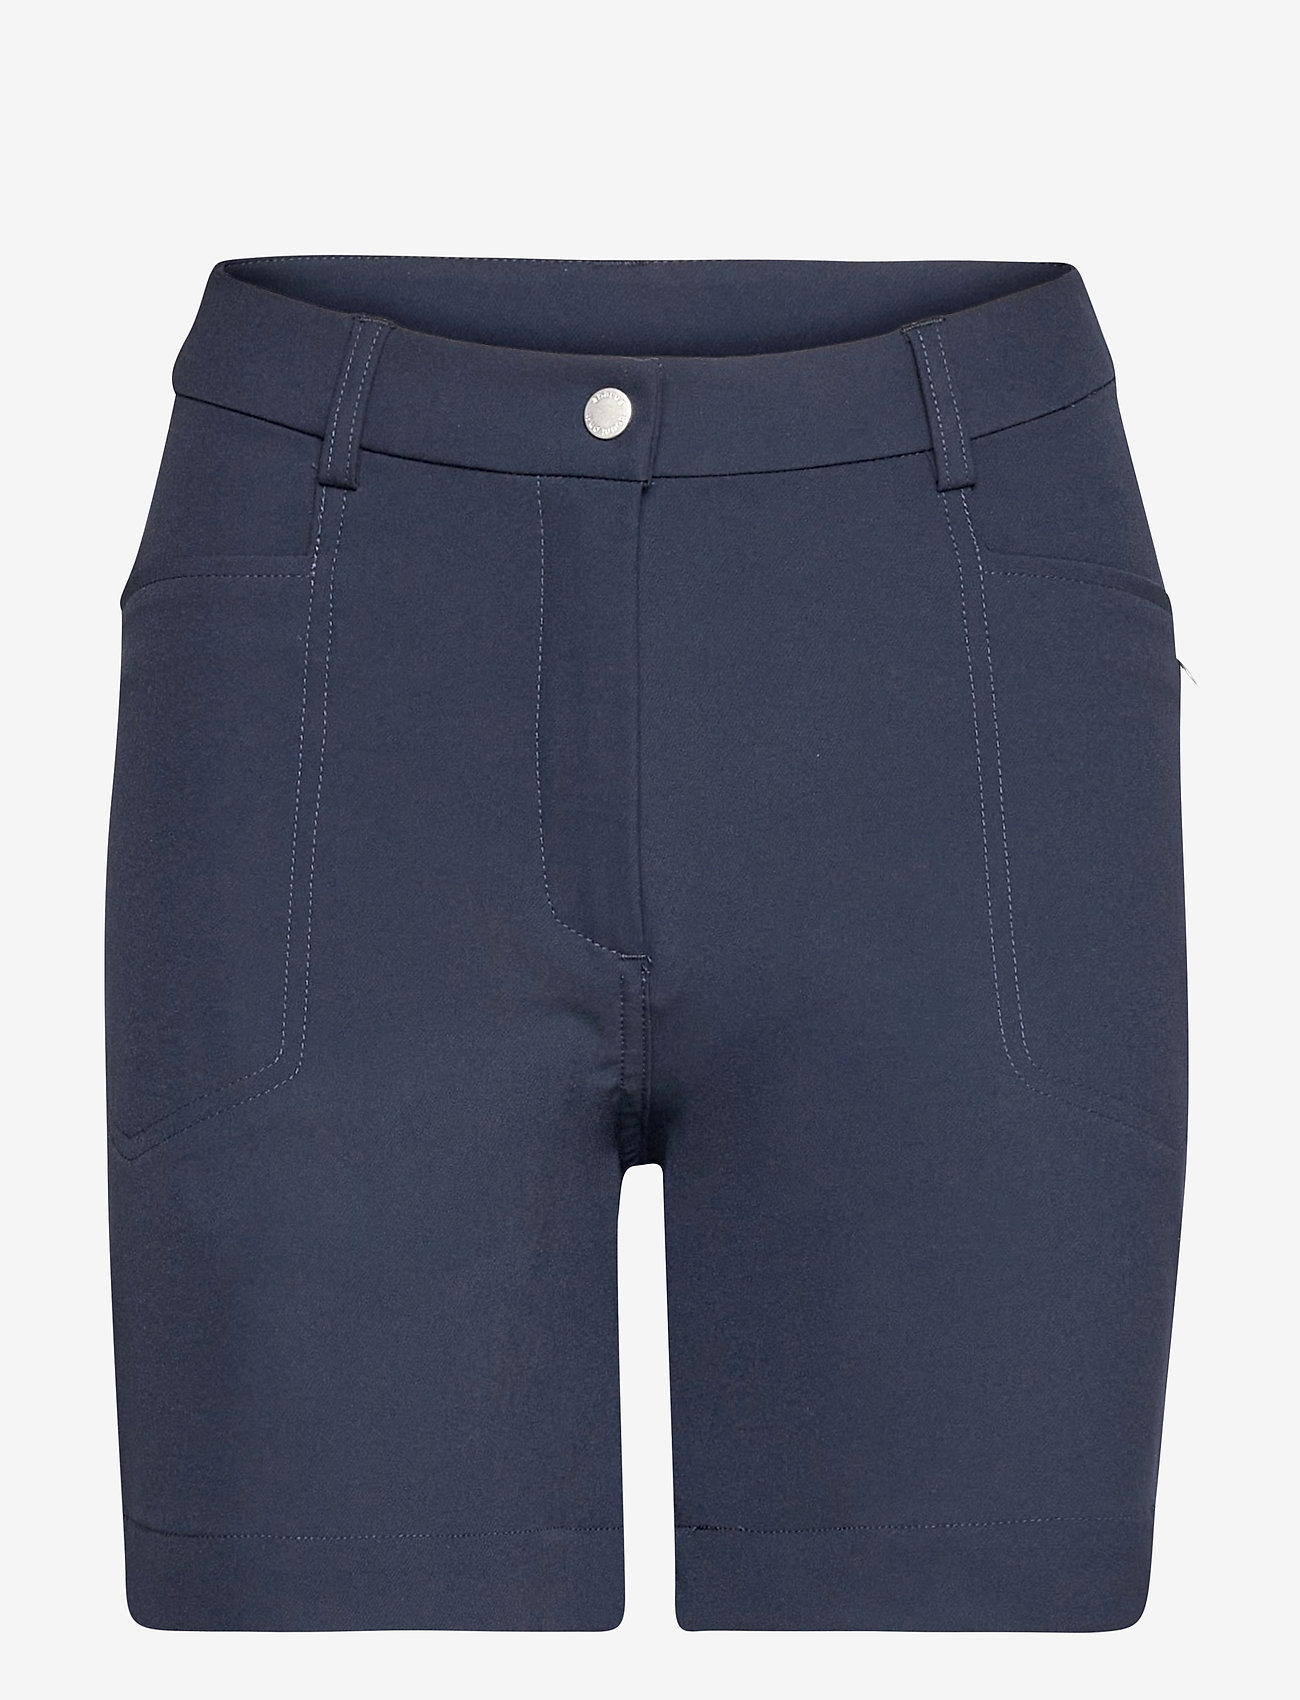 Abacus - Lds Grace high waist shorts 45cm - golfbroeken - navy - 0